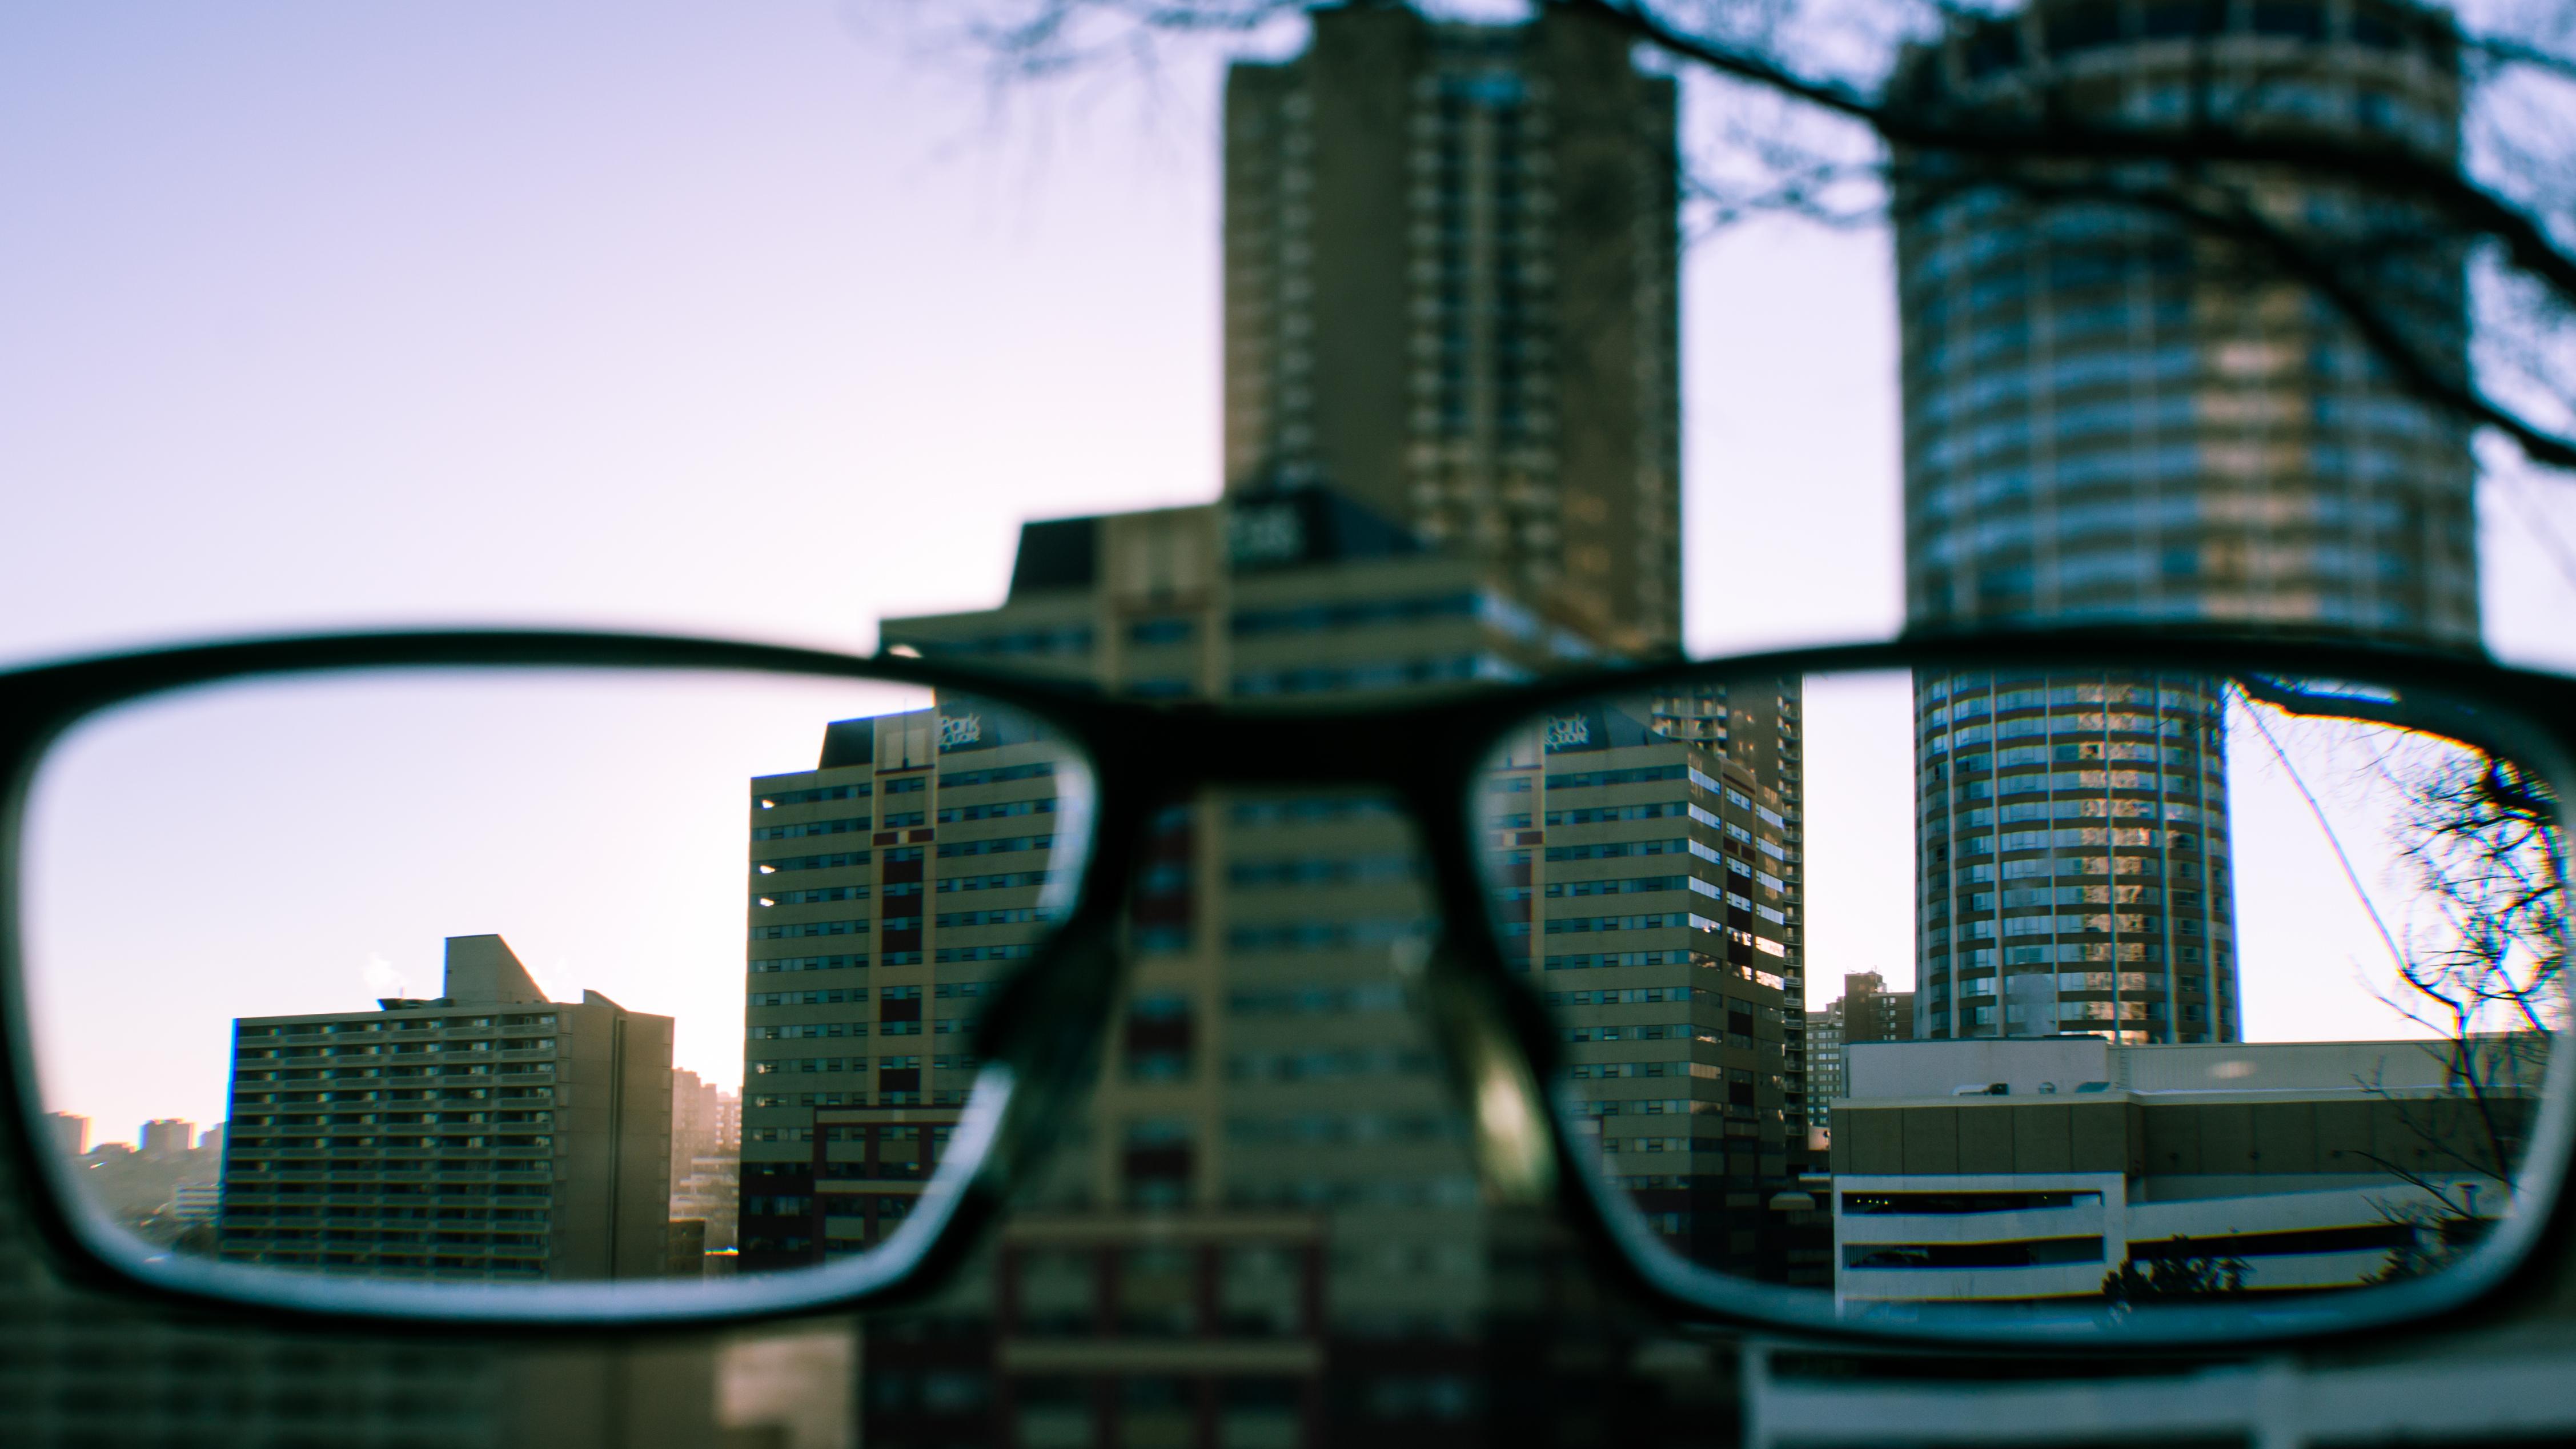 Wallpaper City Skyline Buildings Lens Glasses Blurry